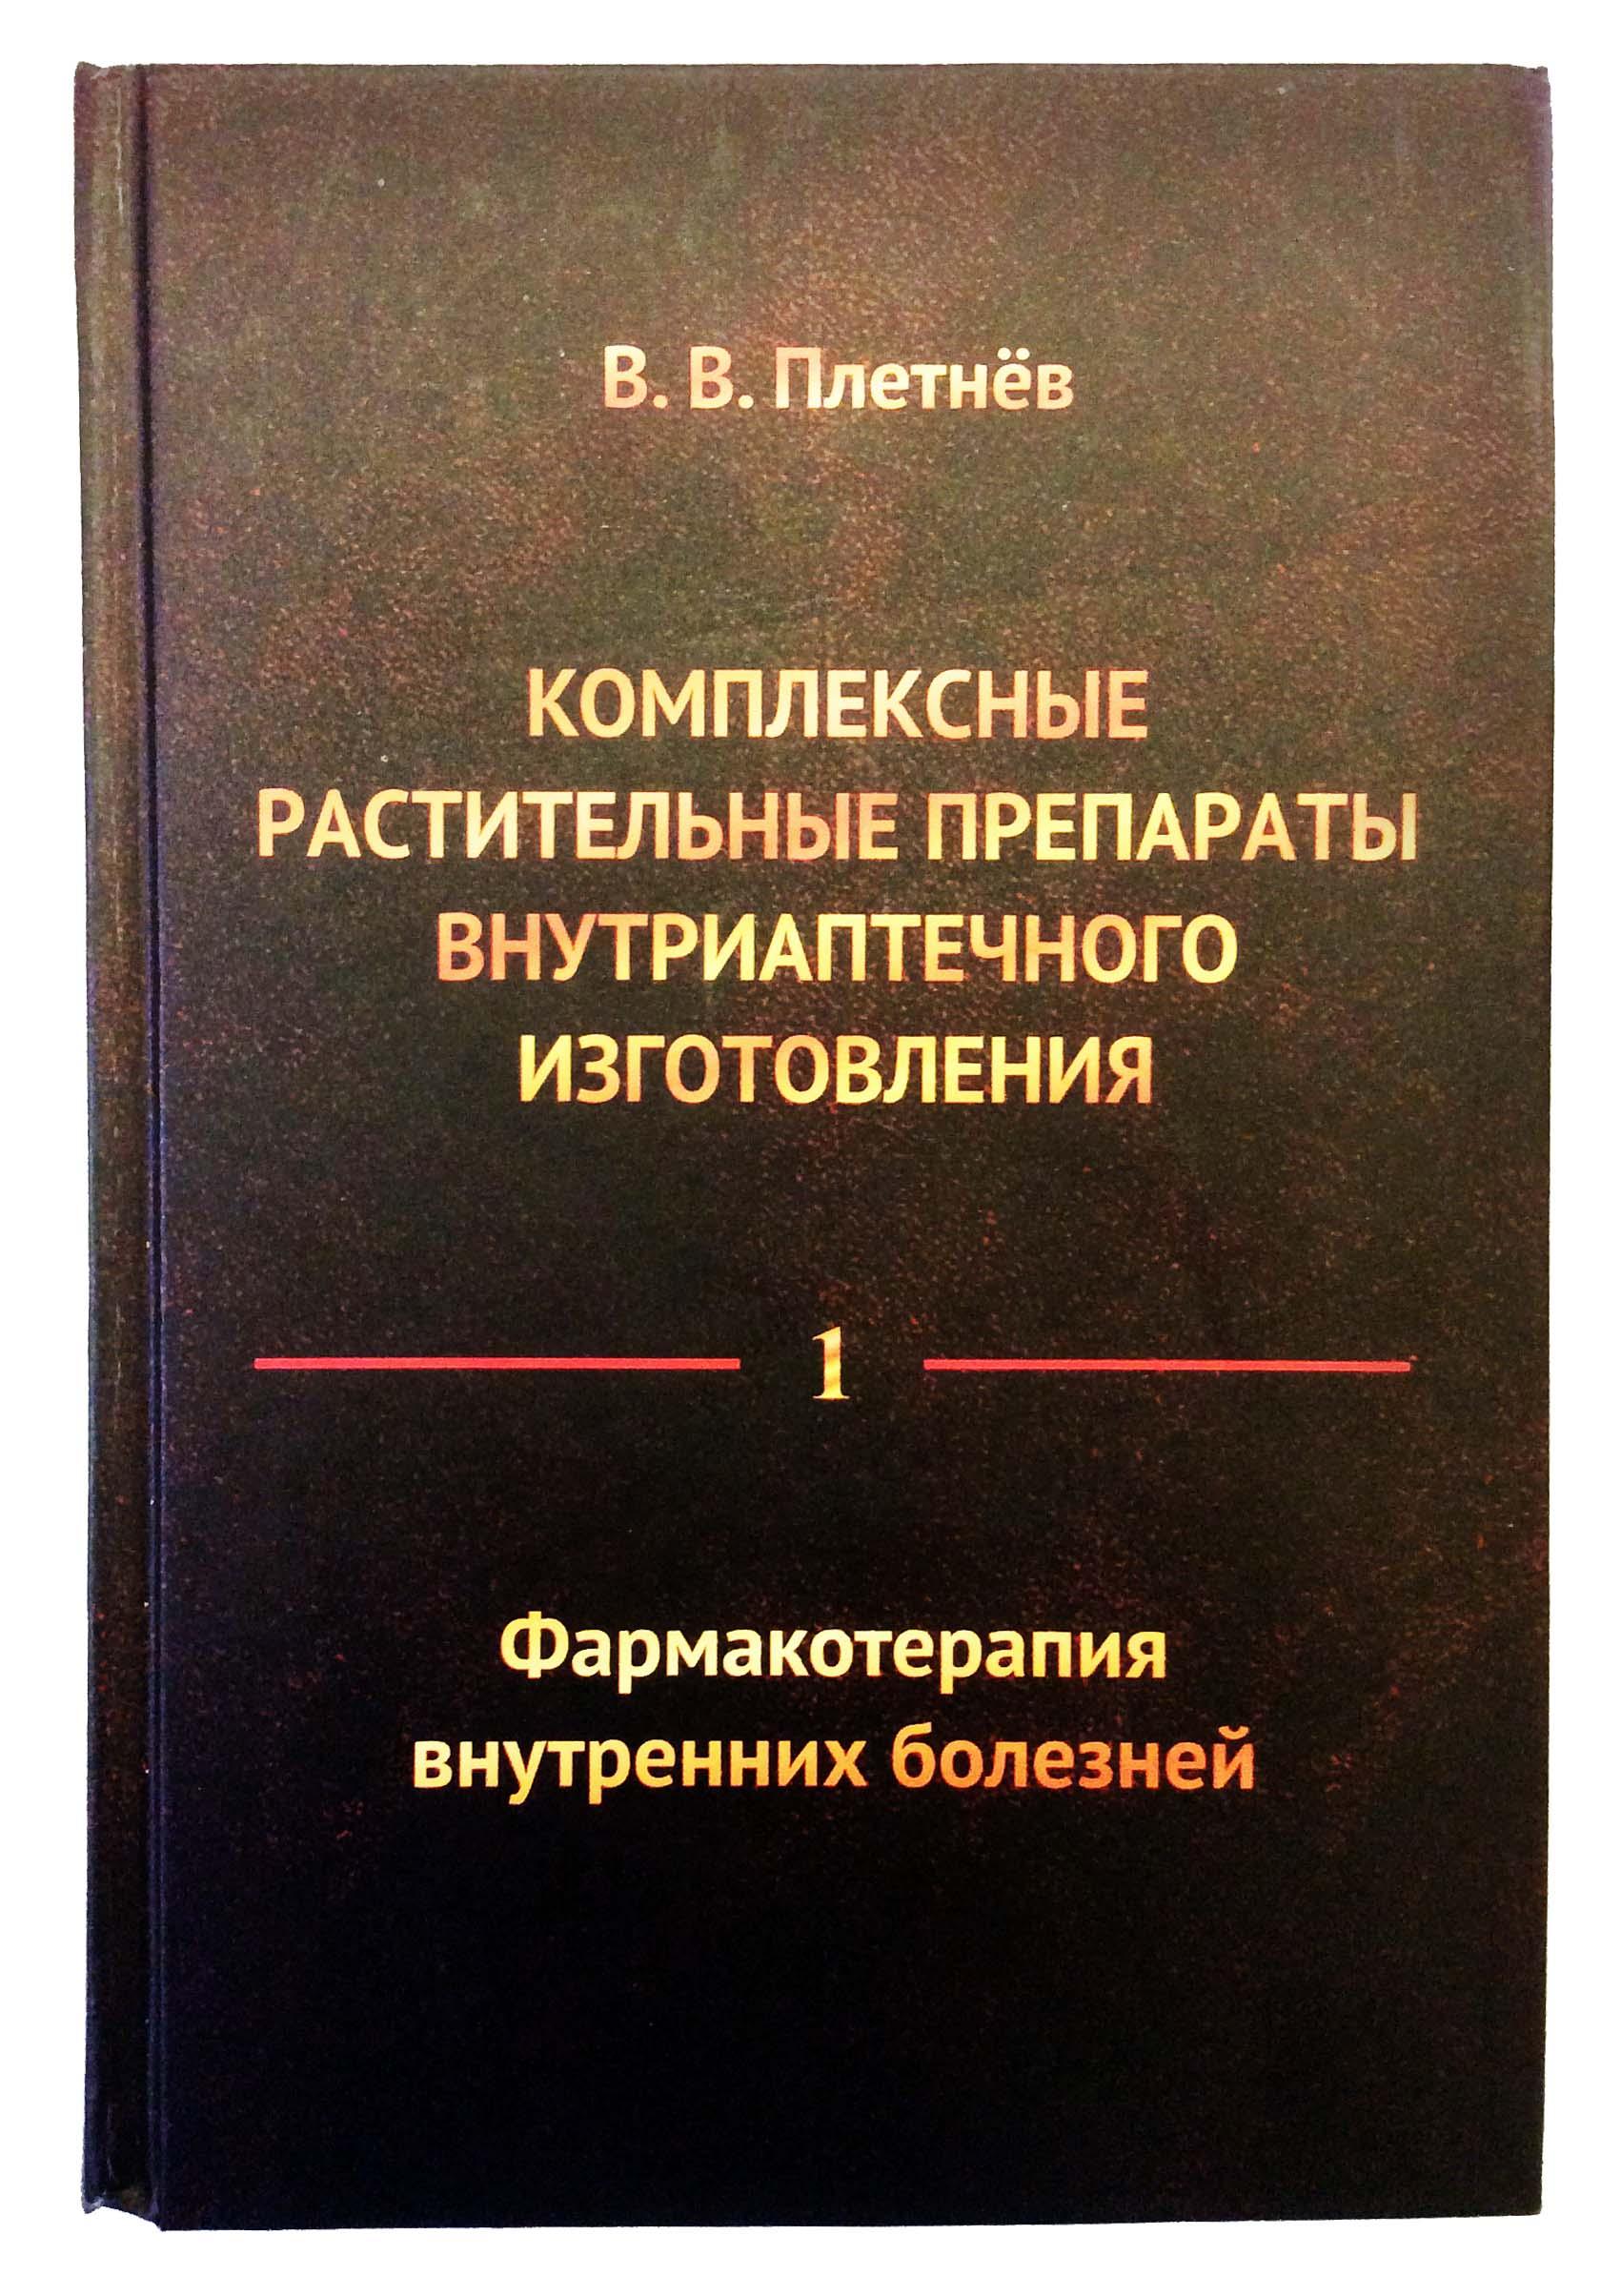 Книга Внутренние болезни 1 без свечения